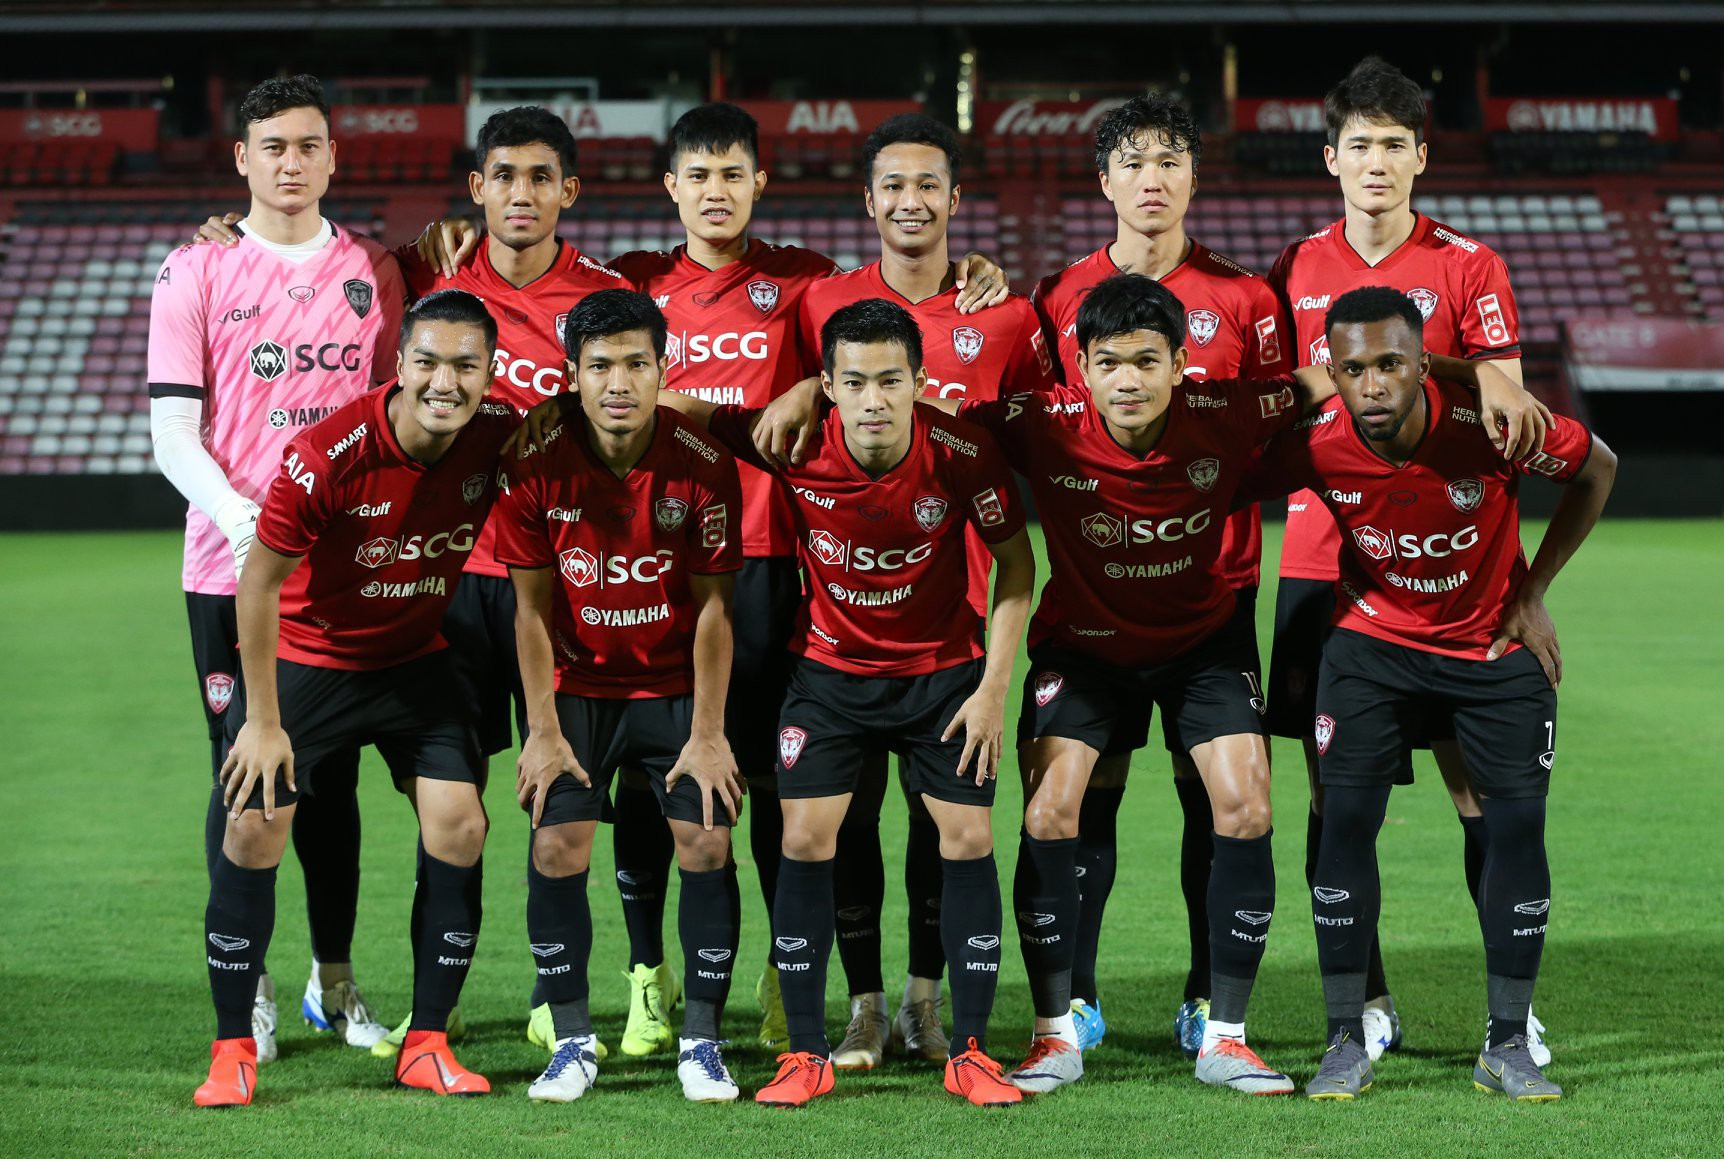 Yến Xuân thu hút trên khán đài, theo dõi bạn trai Văn Lâm bắt trận ra mắt Muangthong United-1